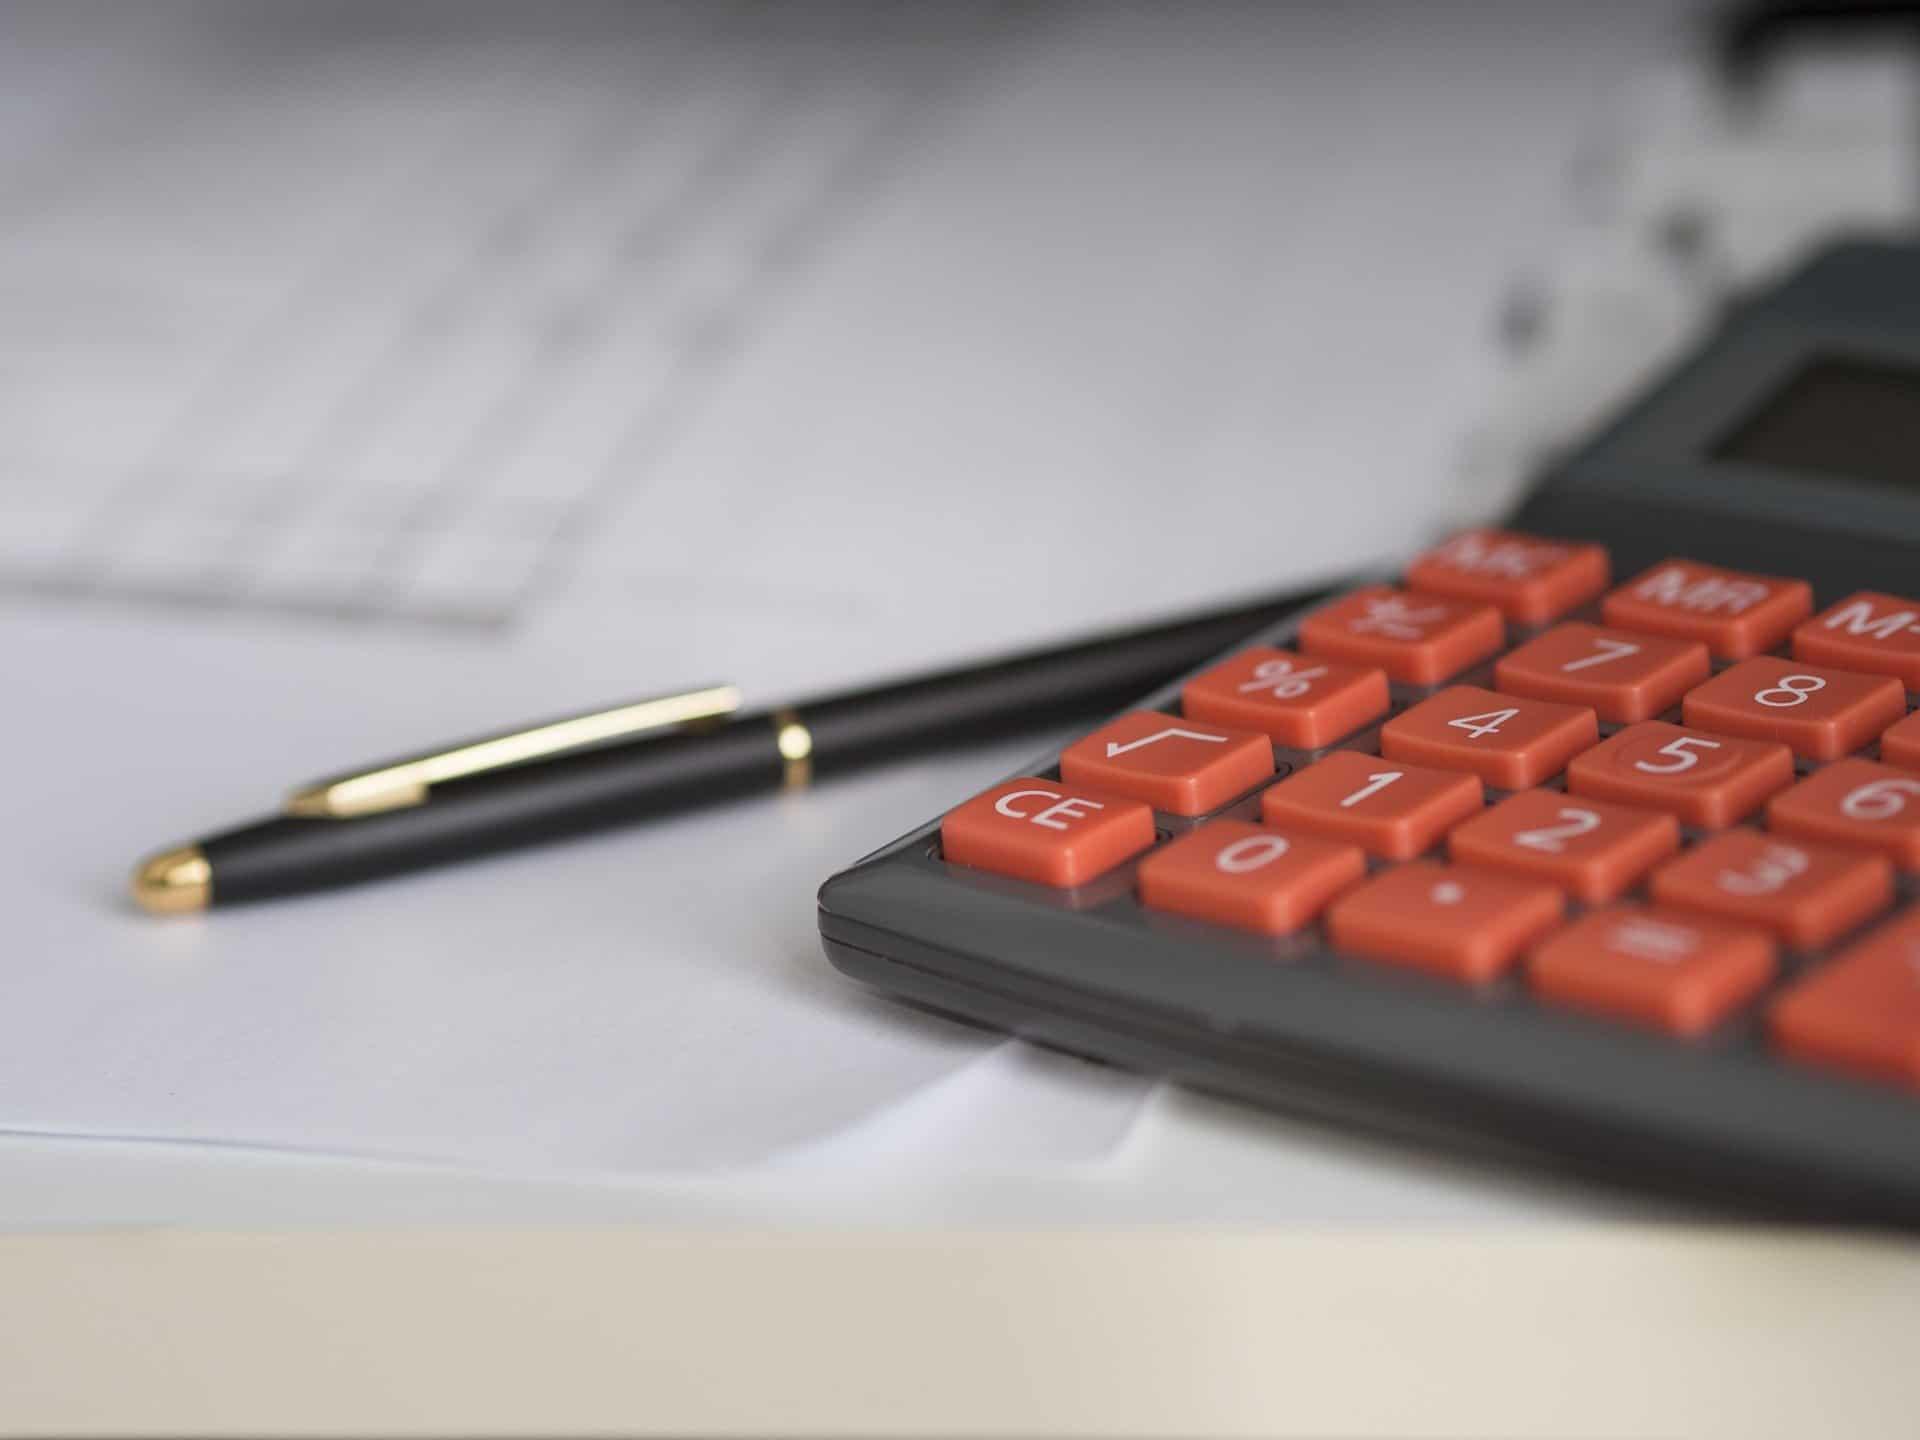 Kfz Versicherungswechsel: Auch im Dezember noch möglich